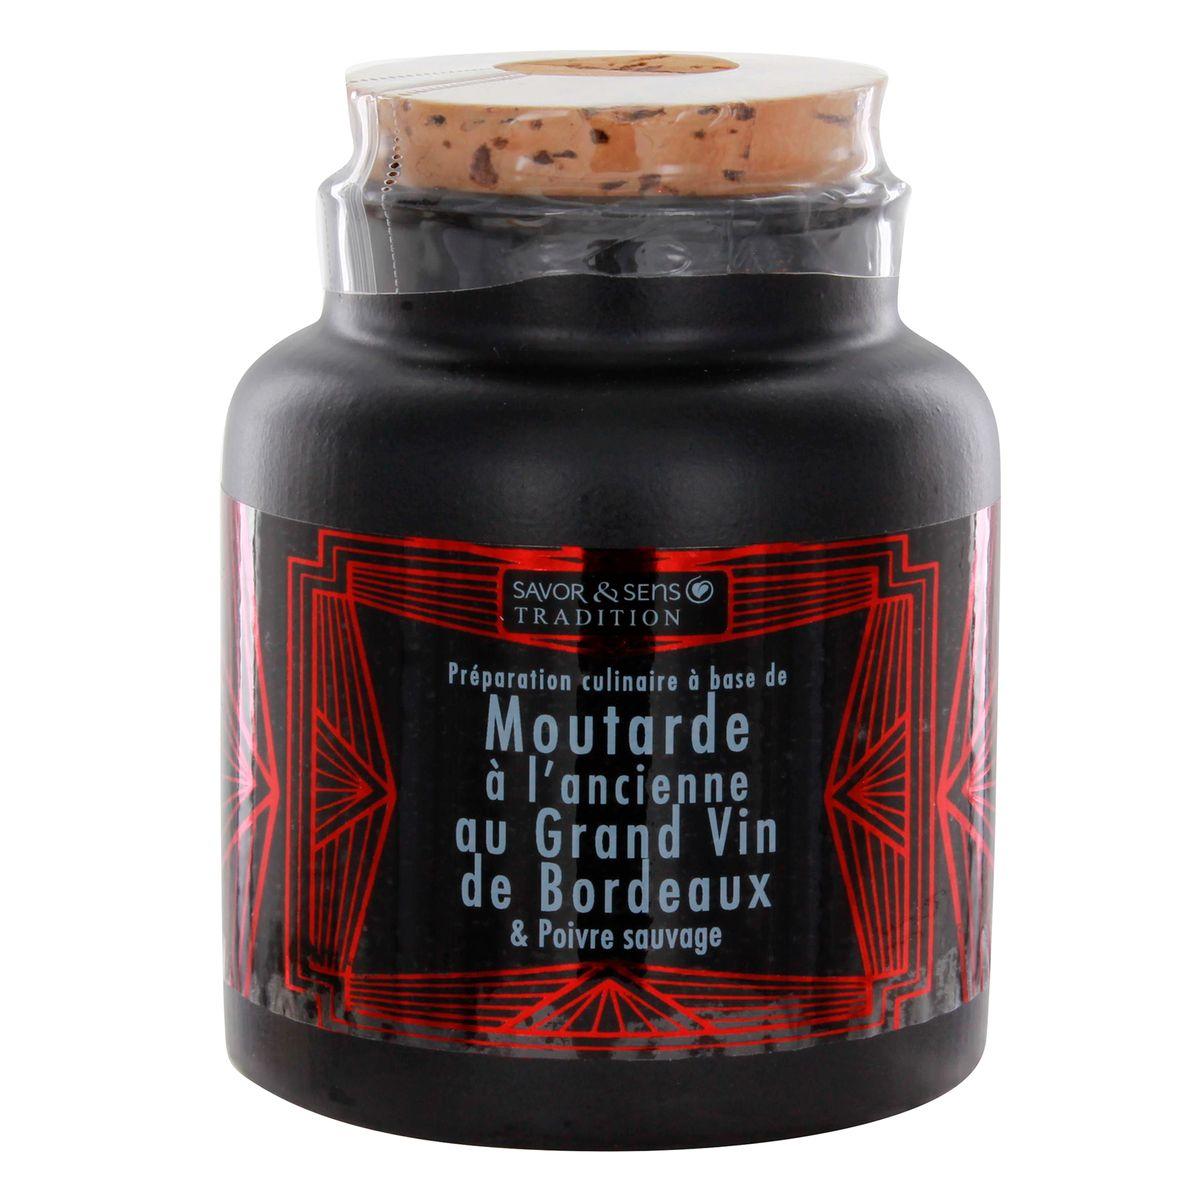 Moutarde à l'ancienne au grand vin de Bordeaux pot gres 110g - Savor et Sens